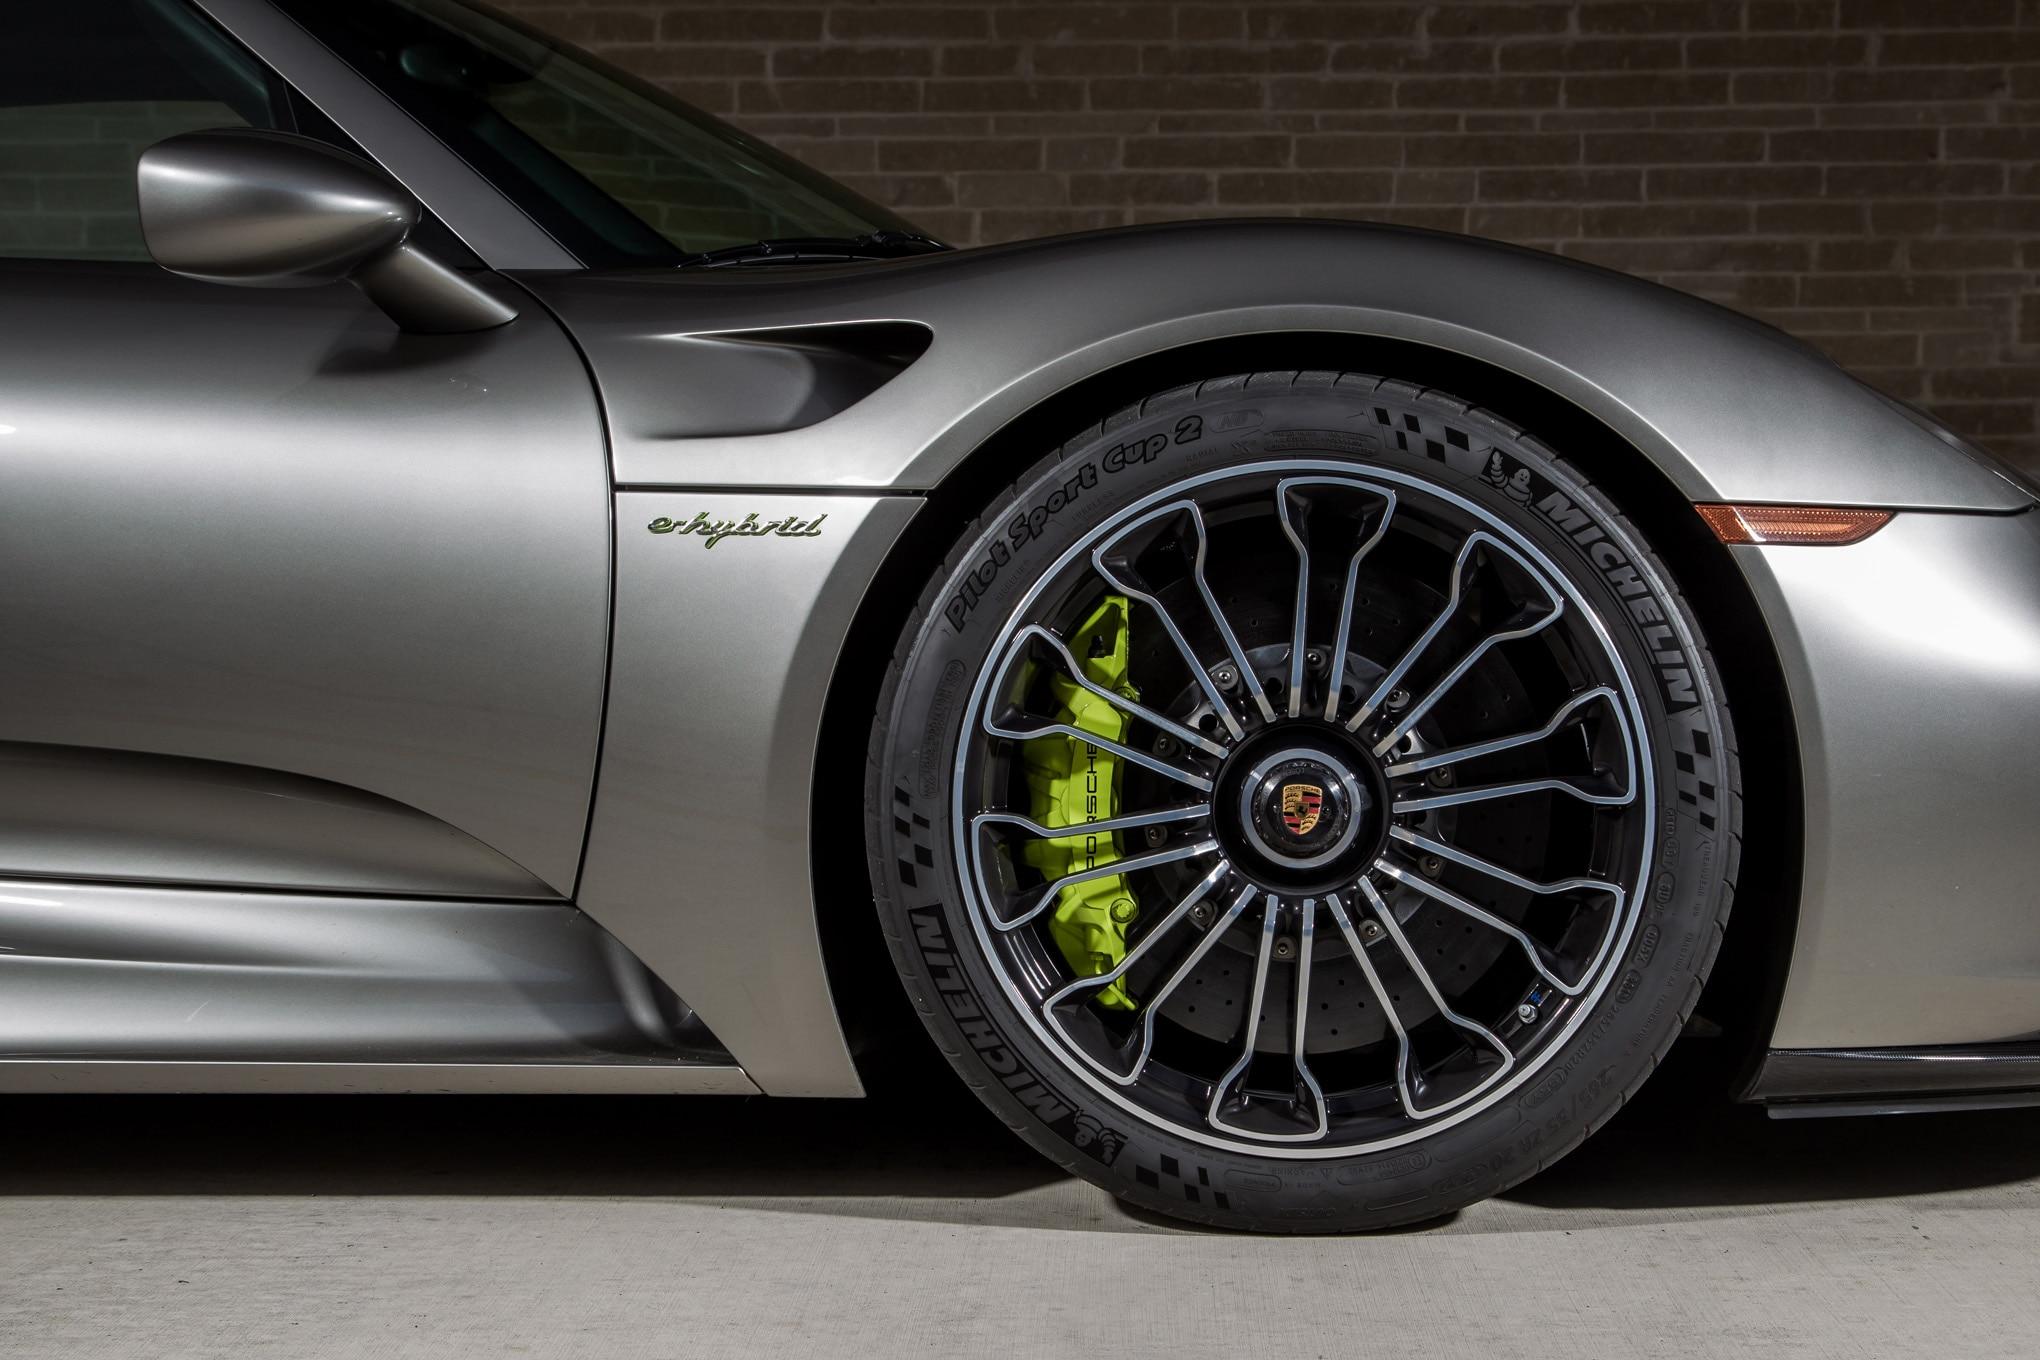 2015-Porsche-918-Spyder-wheels1 Elegant Porsche 918 Spyder Los Angeles Cars Trend